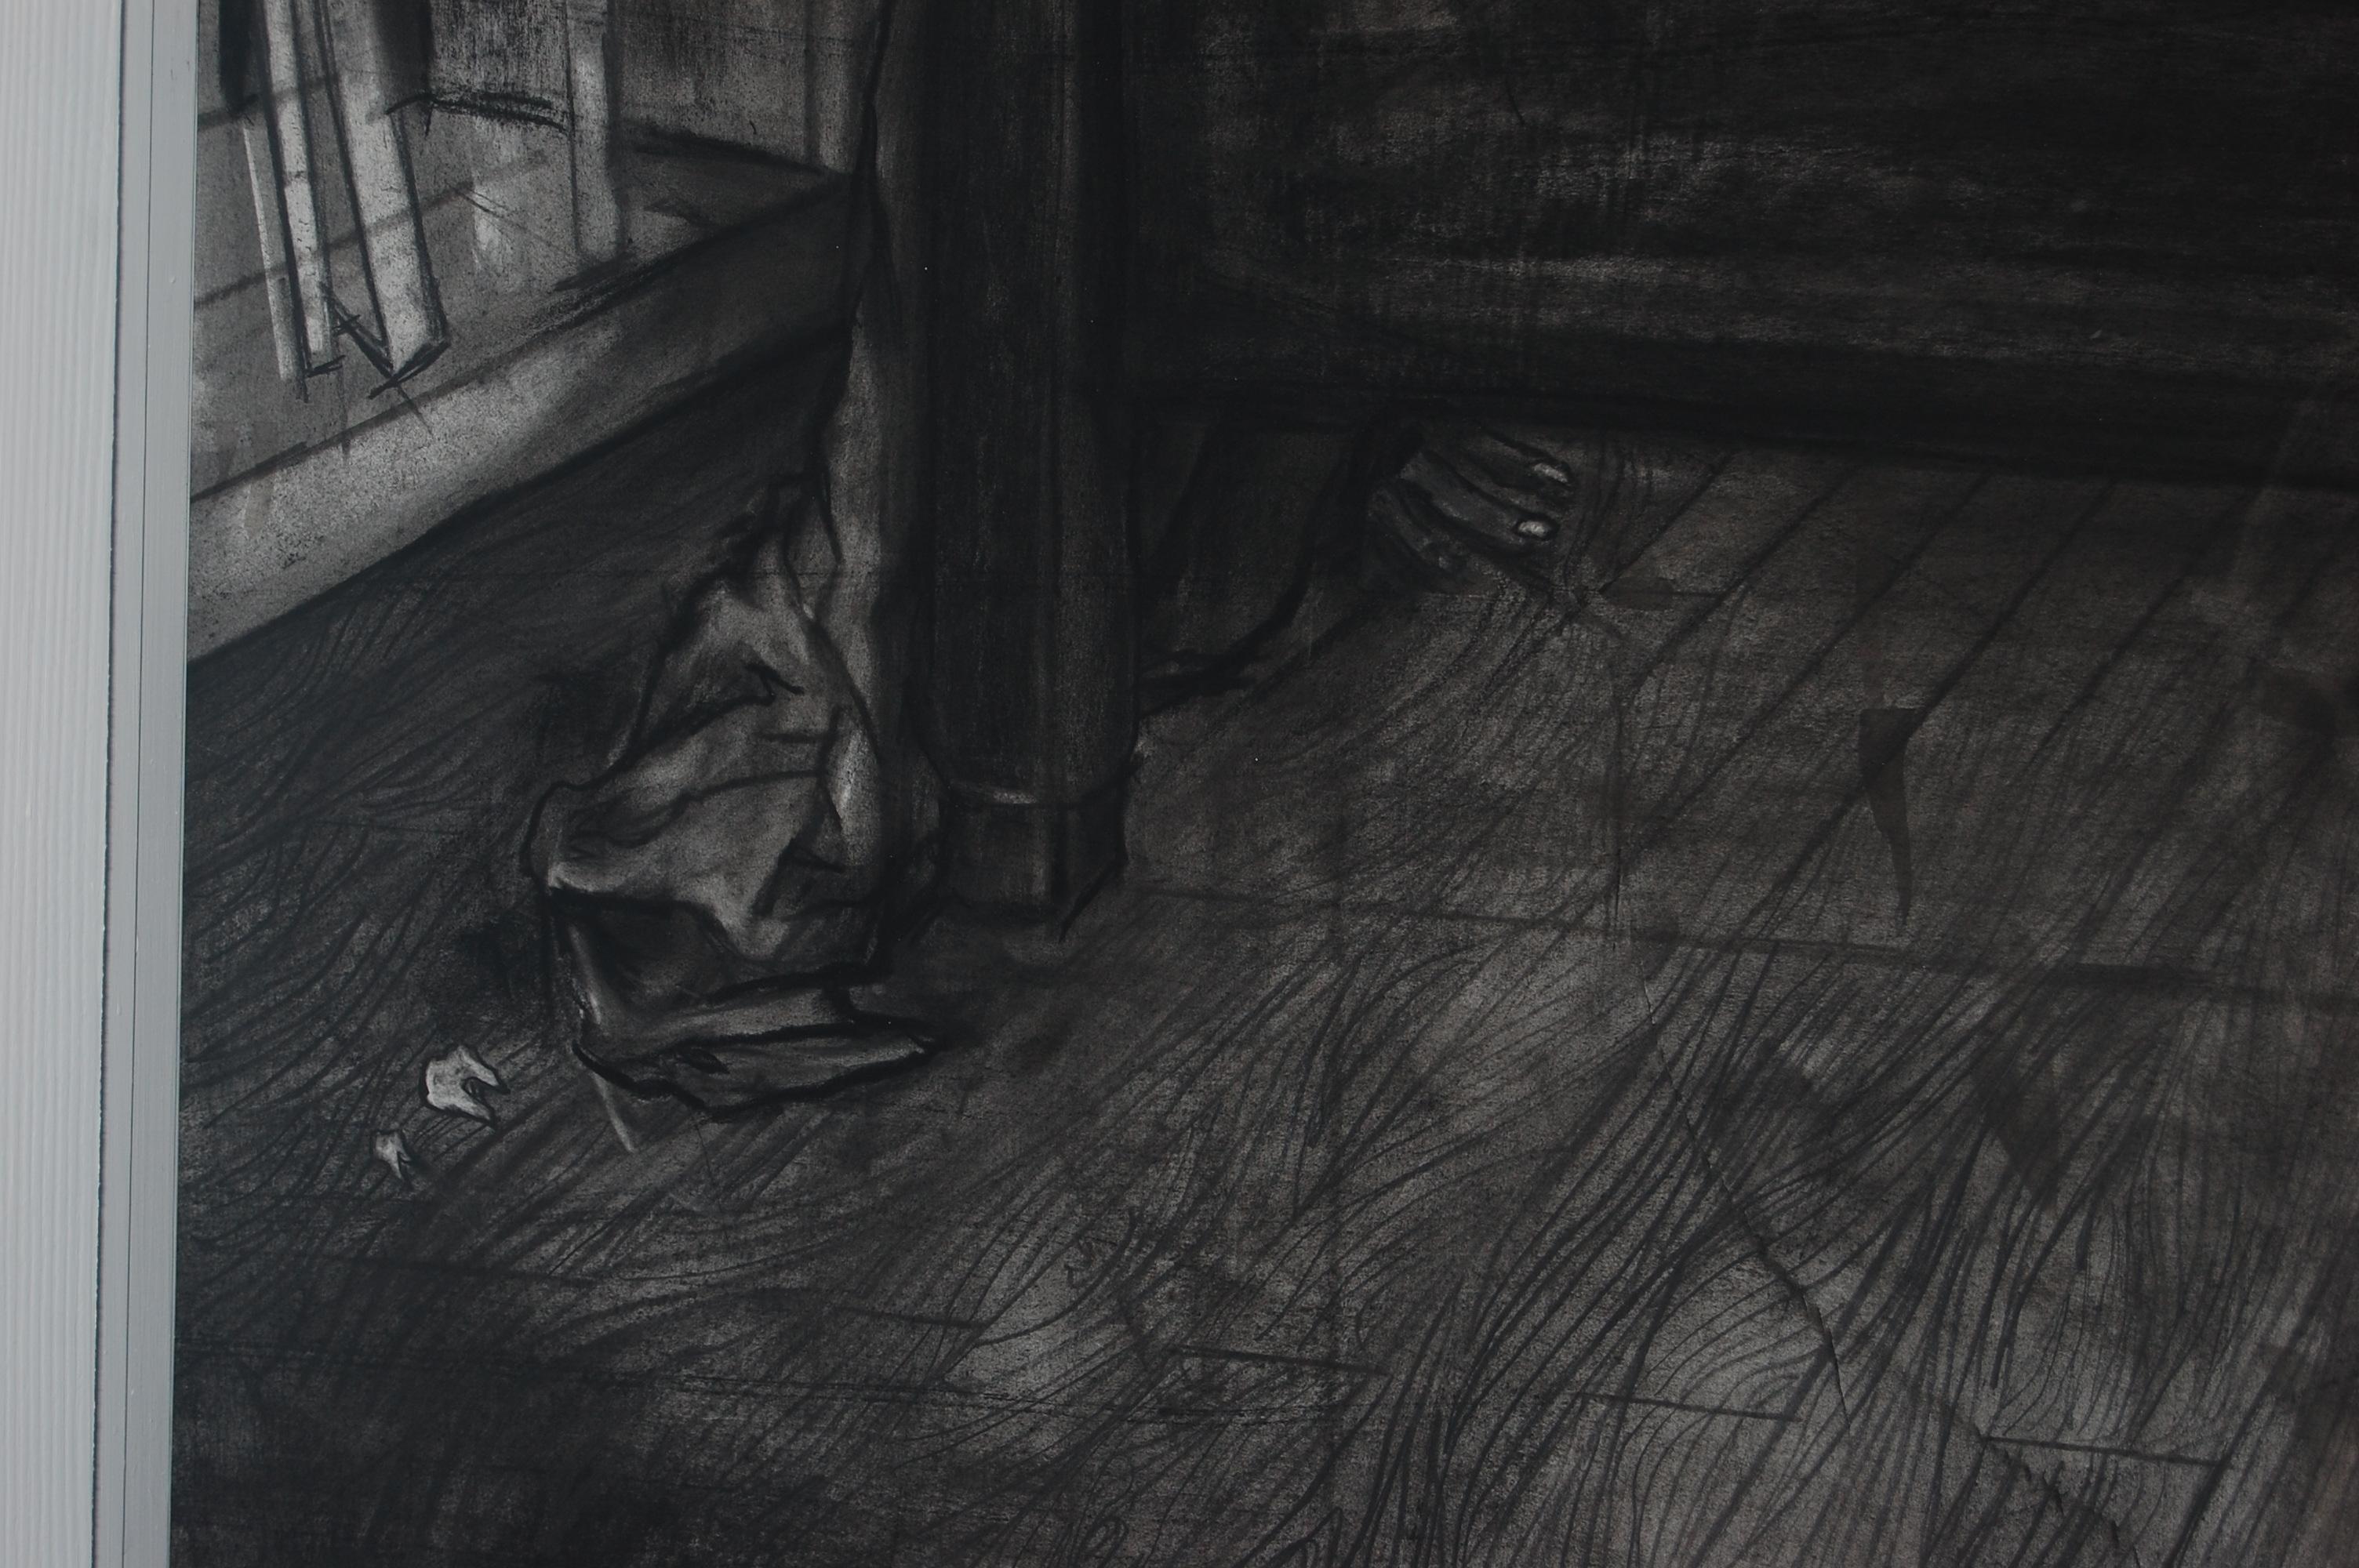 monster (detail)